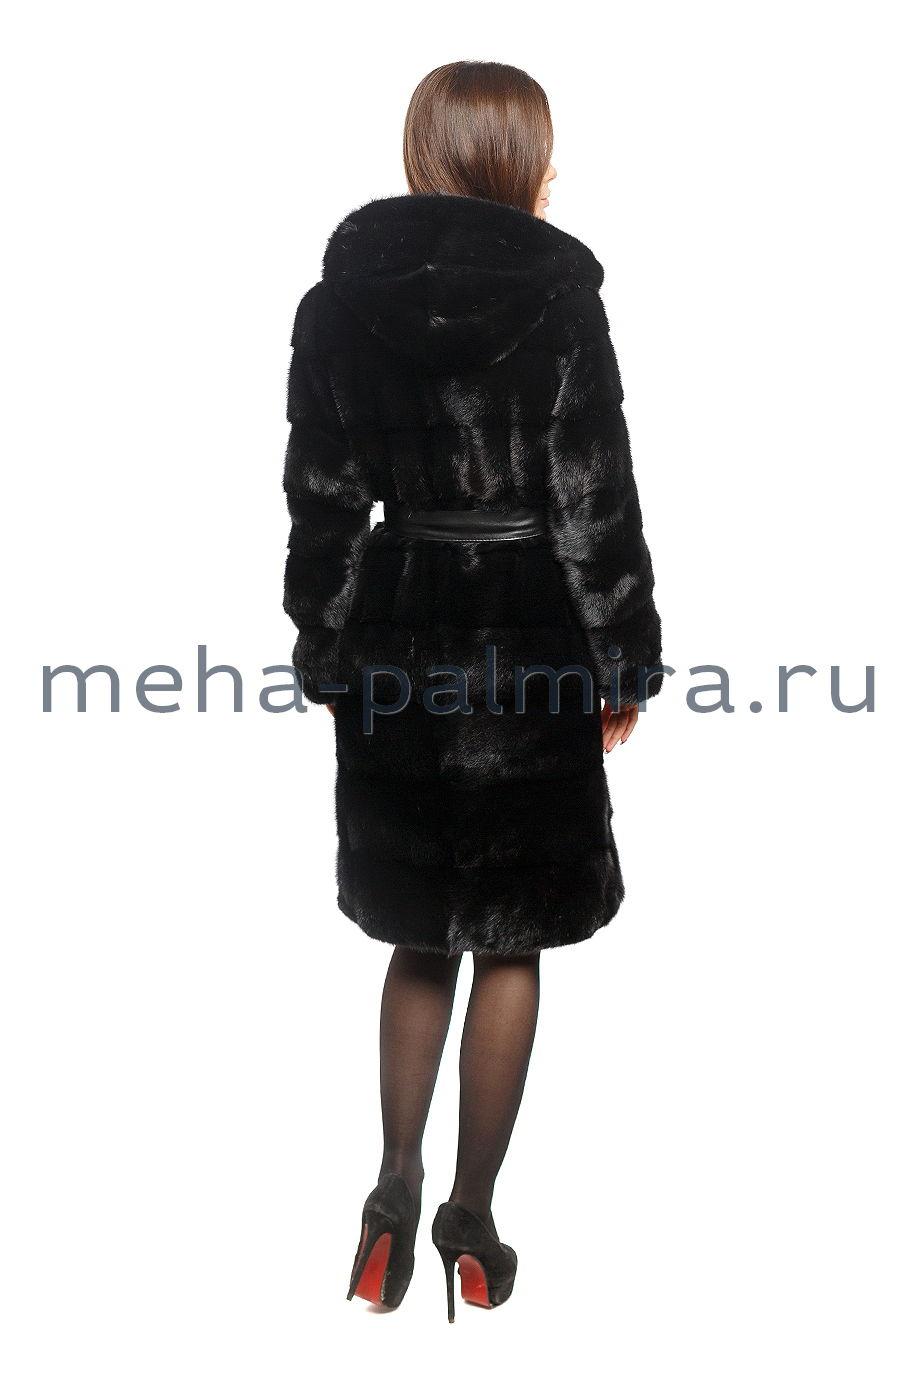 Шуба поперечка из меха норки черного цвета